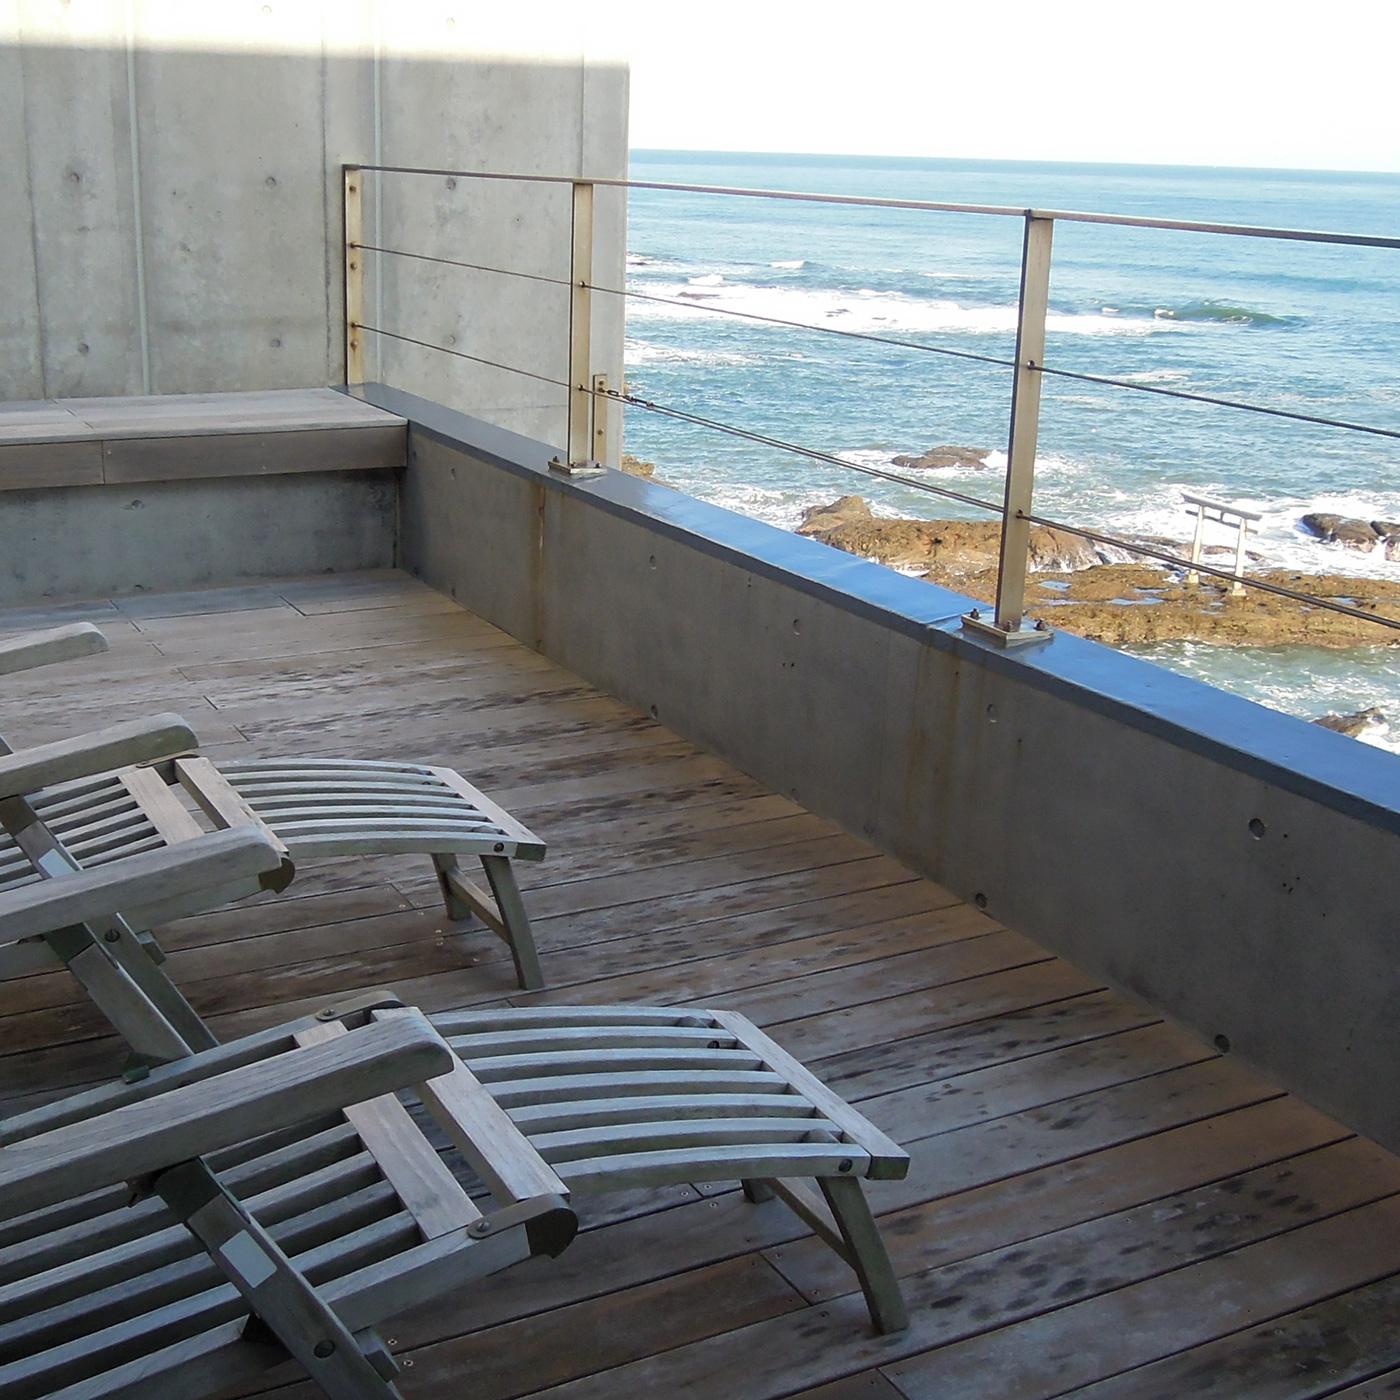 風呂上がりはここでビール片手に海を眺める。「考える時間を持つことの大切さ」を知る。